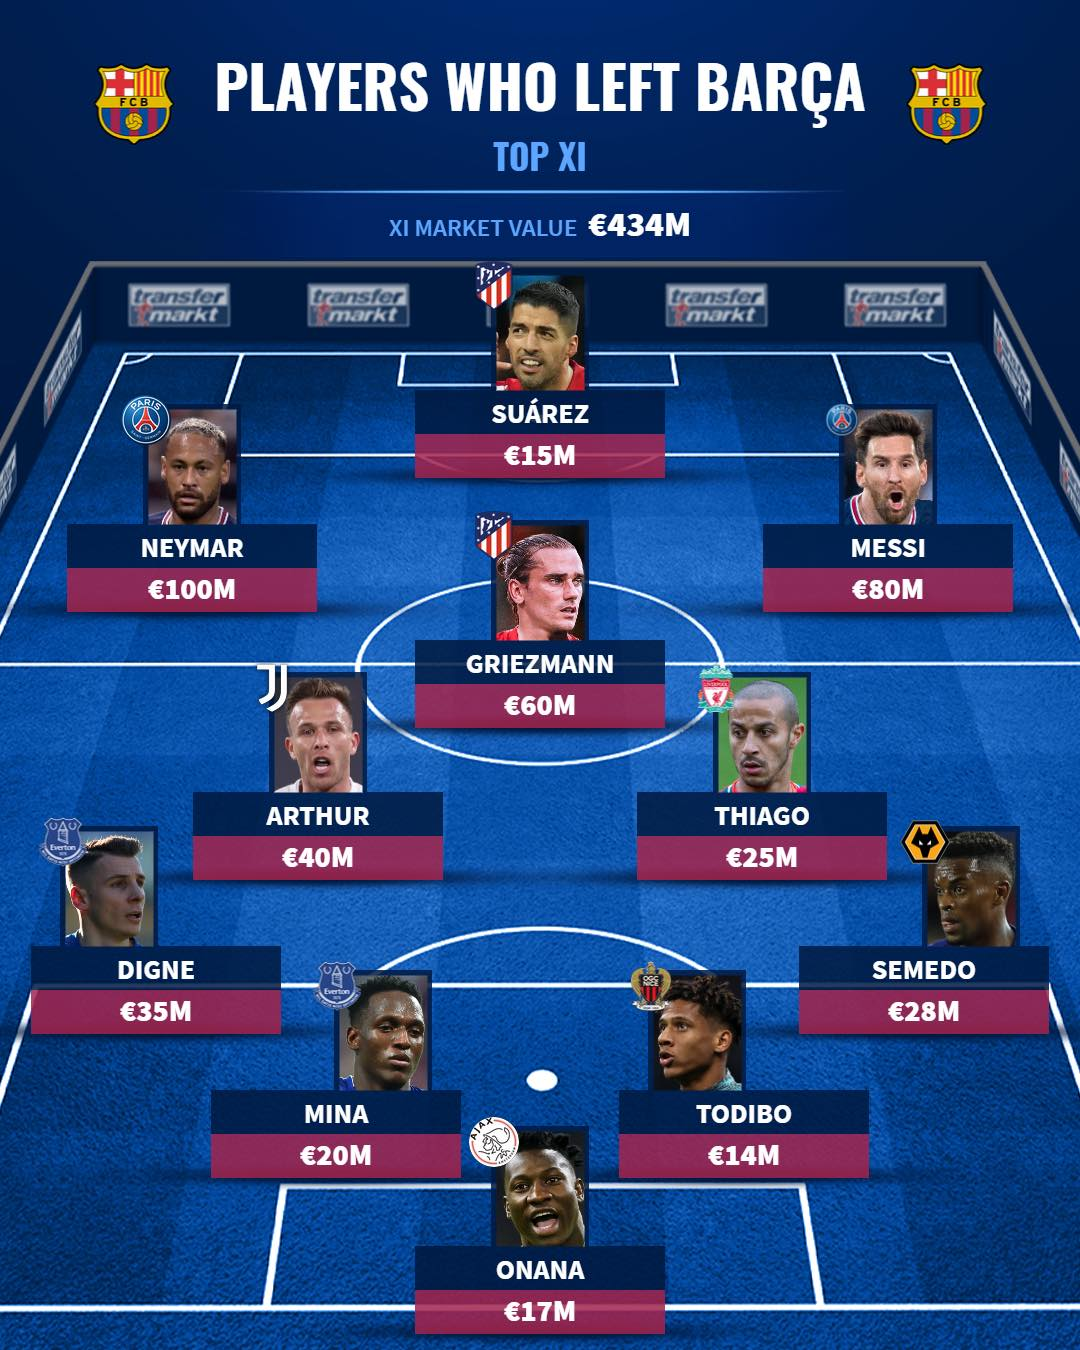 Đội hình 11 siêu sao đã chia tay Barcelona - Bóng Đá